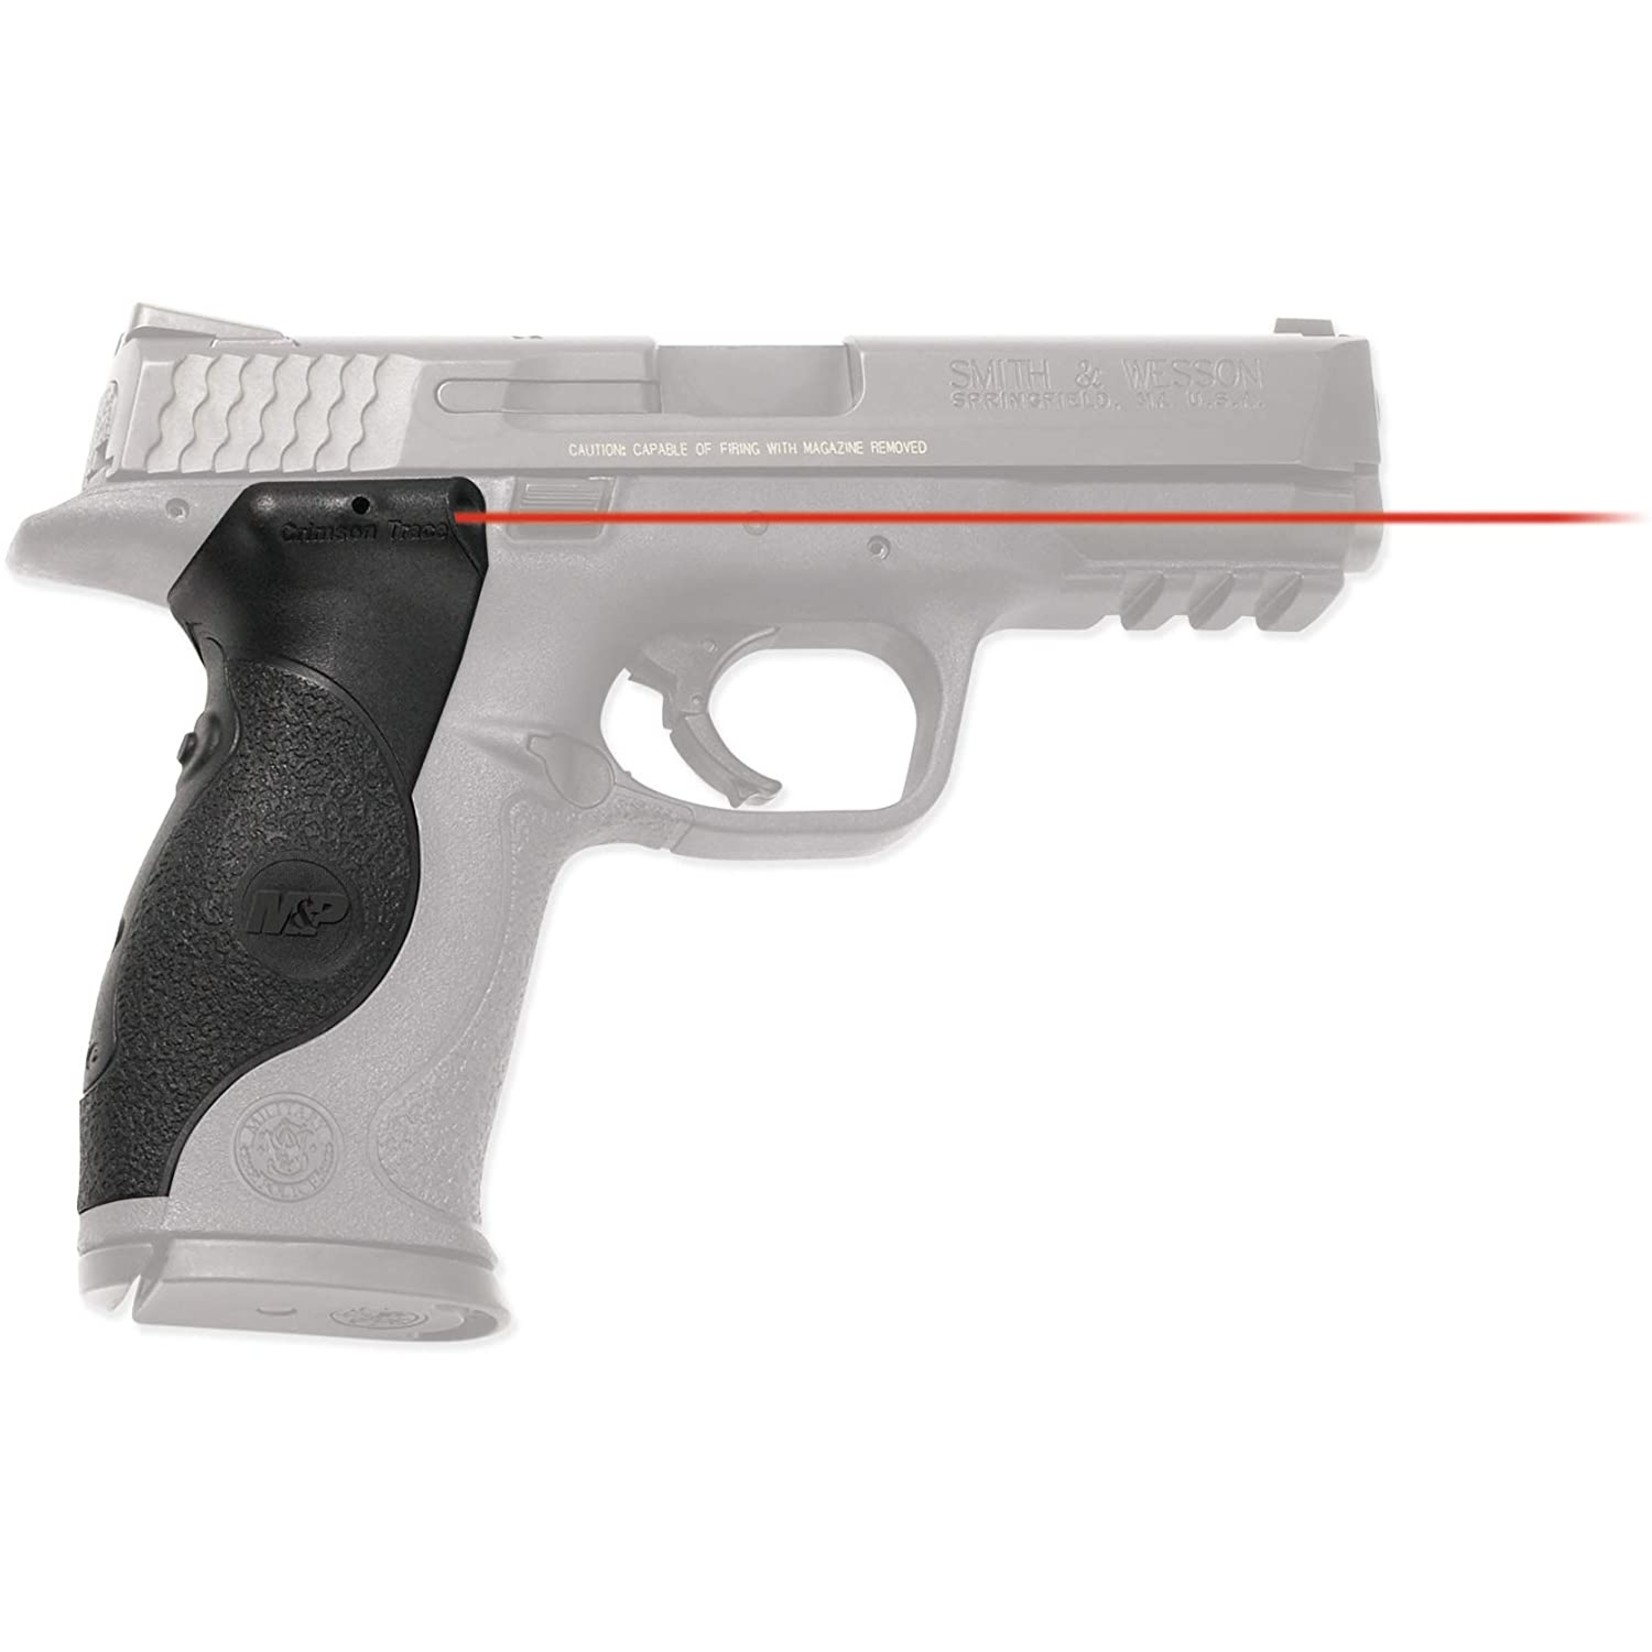 Lasergrips Laser Sight, Blk, Pressure Sensor